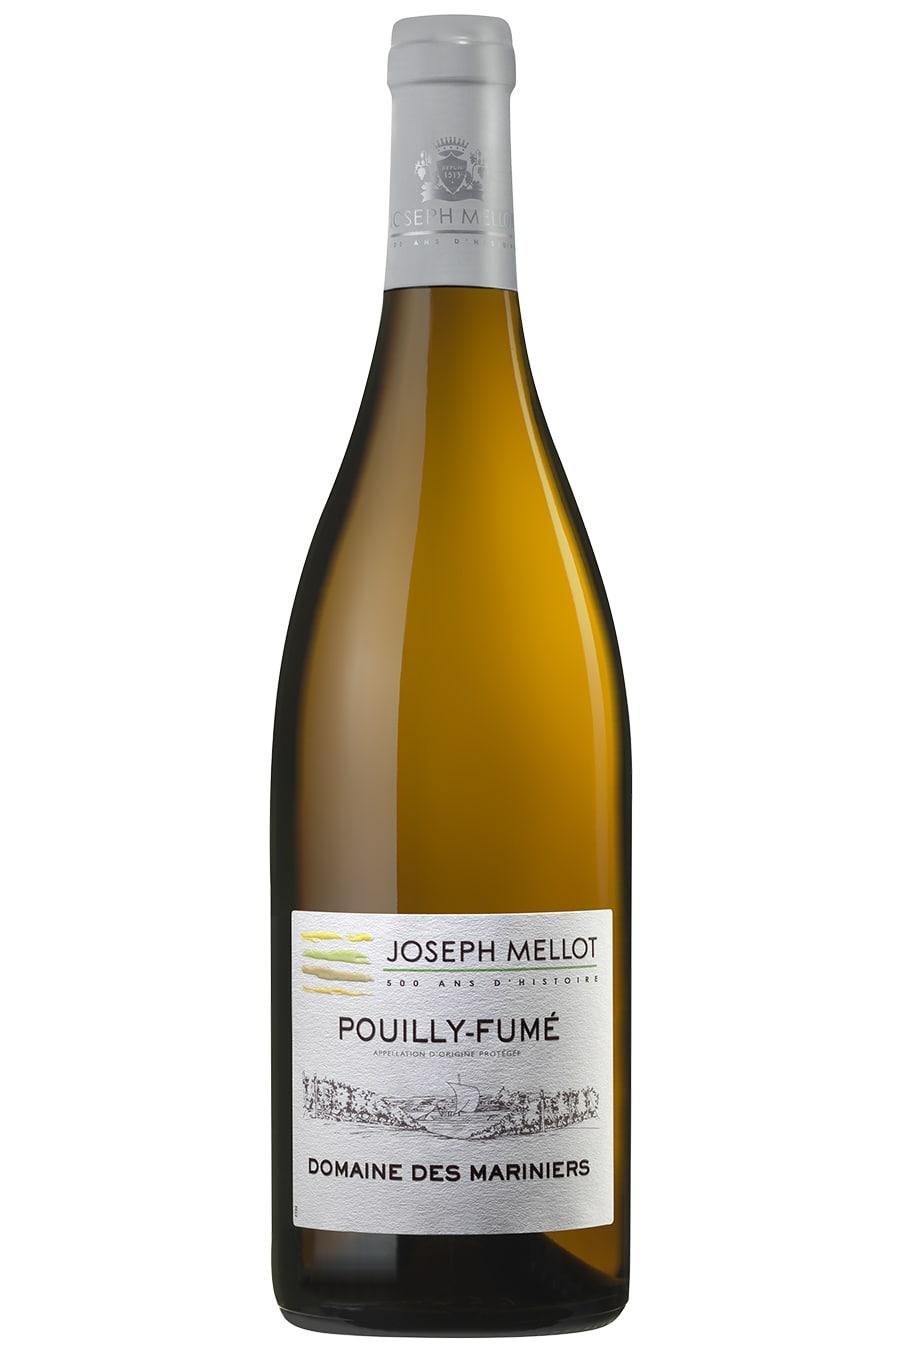 Joseph Mellot - DOMAINE DES MARINIERS POUILLY-FUME 2019